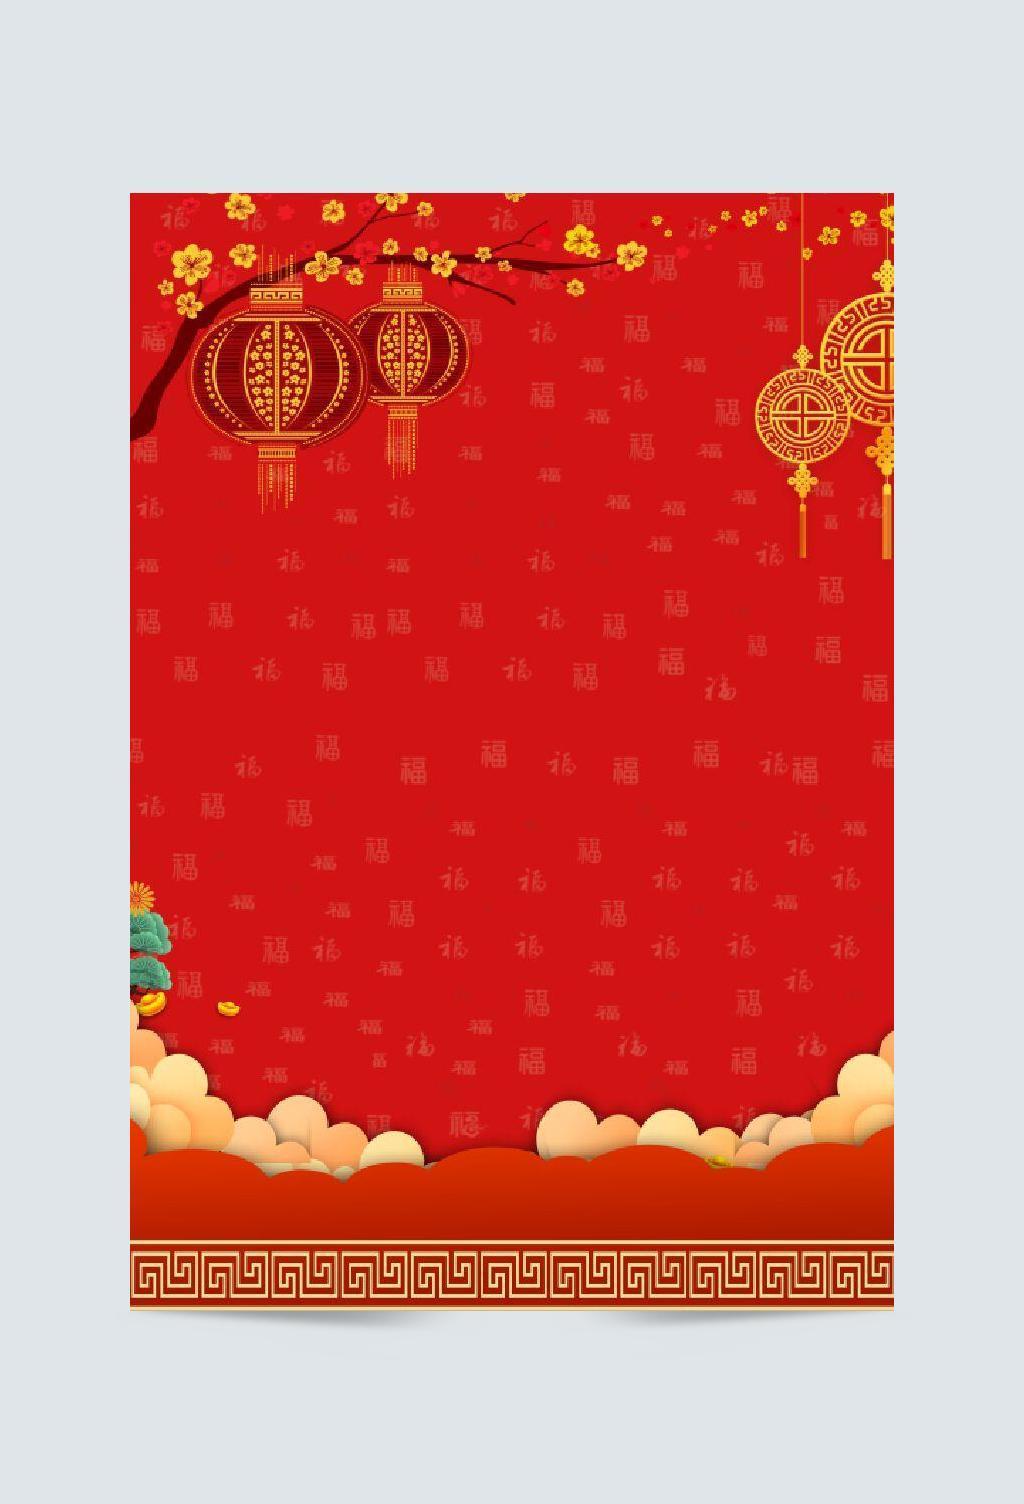 红色喜庆新年背景